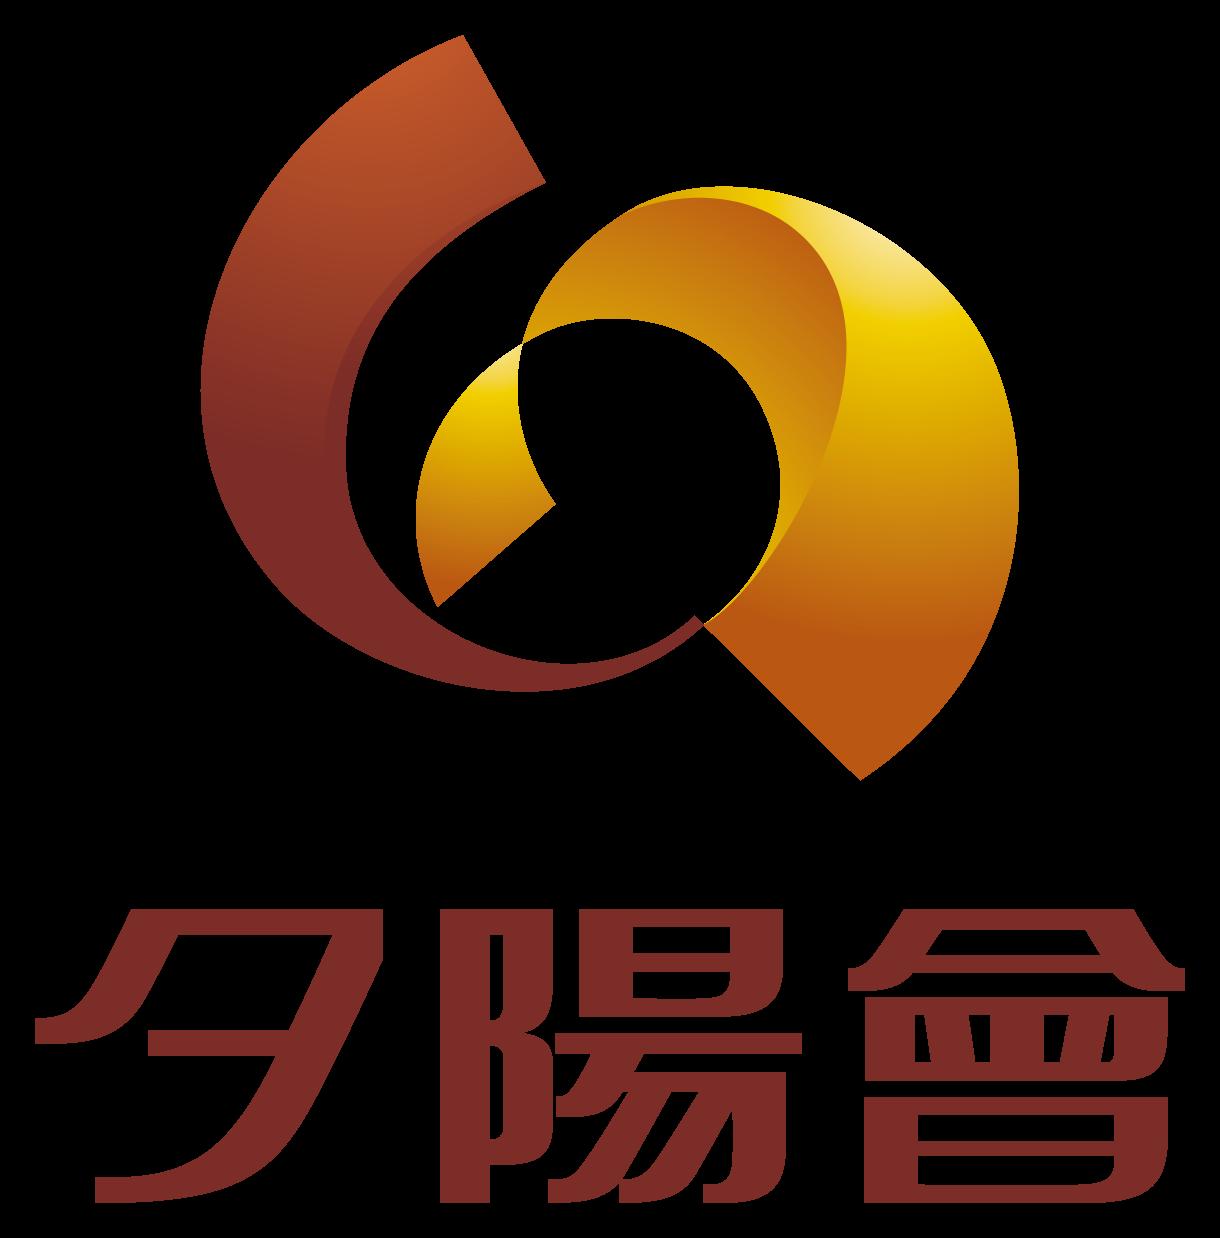 学校/教育/学習塾/レッスン系と近未来とオレンジのロゴ